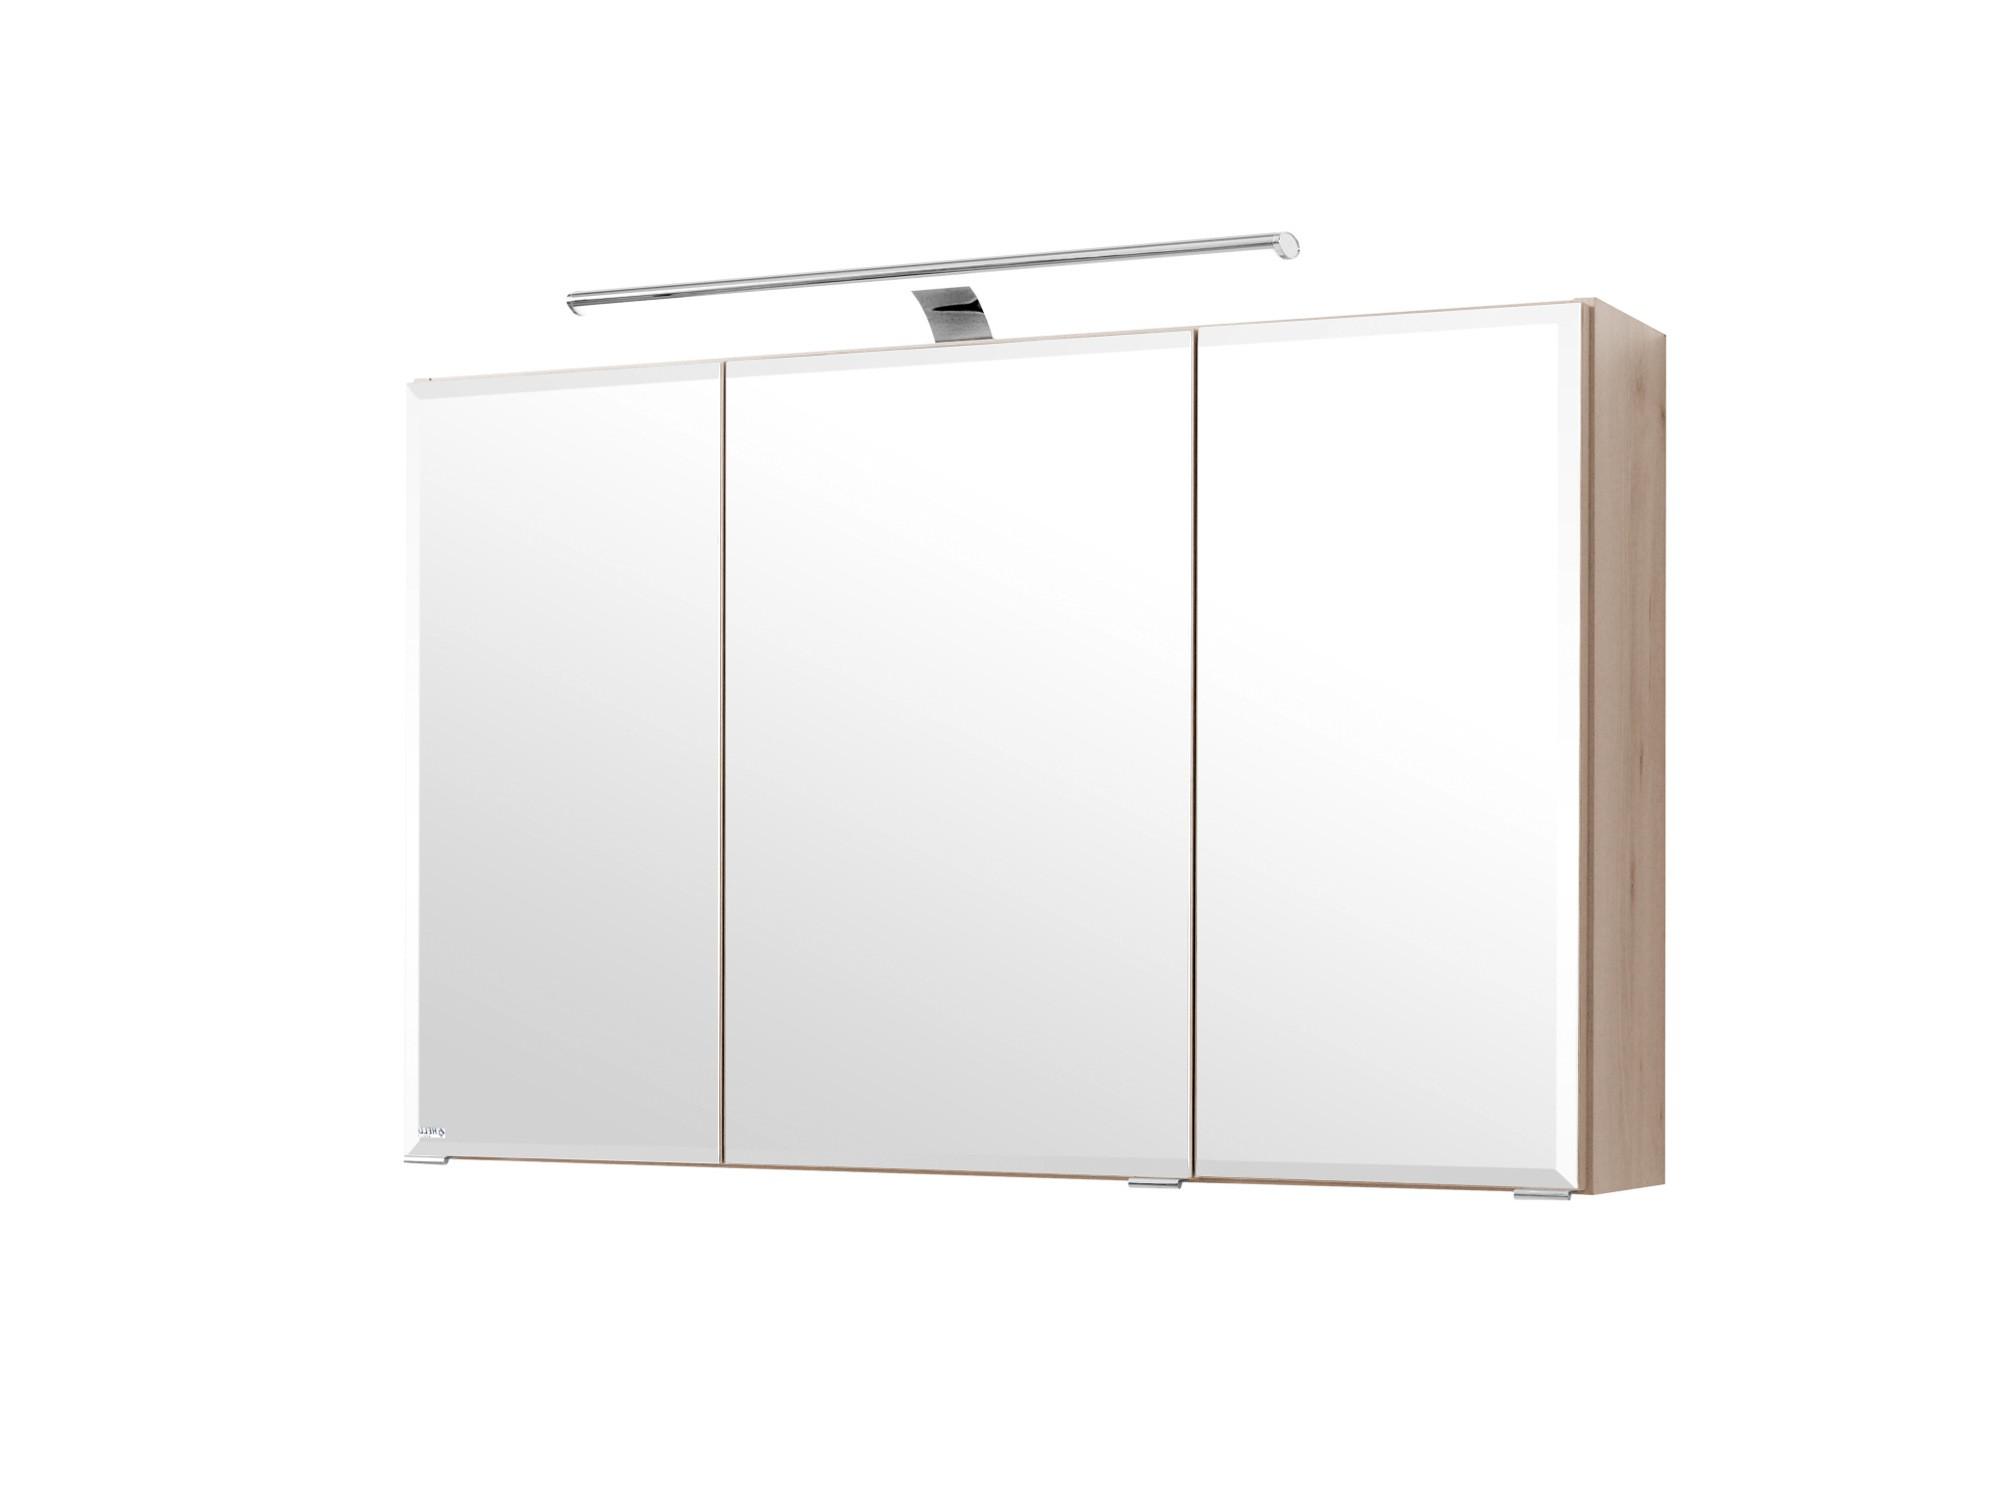 Bad Spiegelschrank - 3-türig, mit LED-Aufbauleuchte - 100 cm breit ...